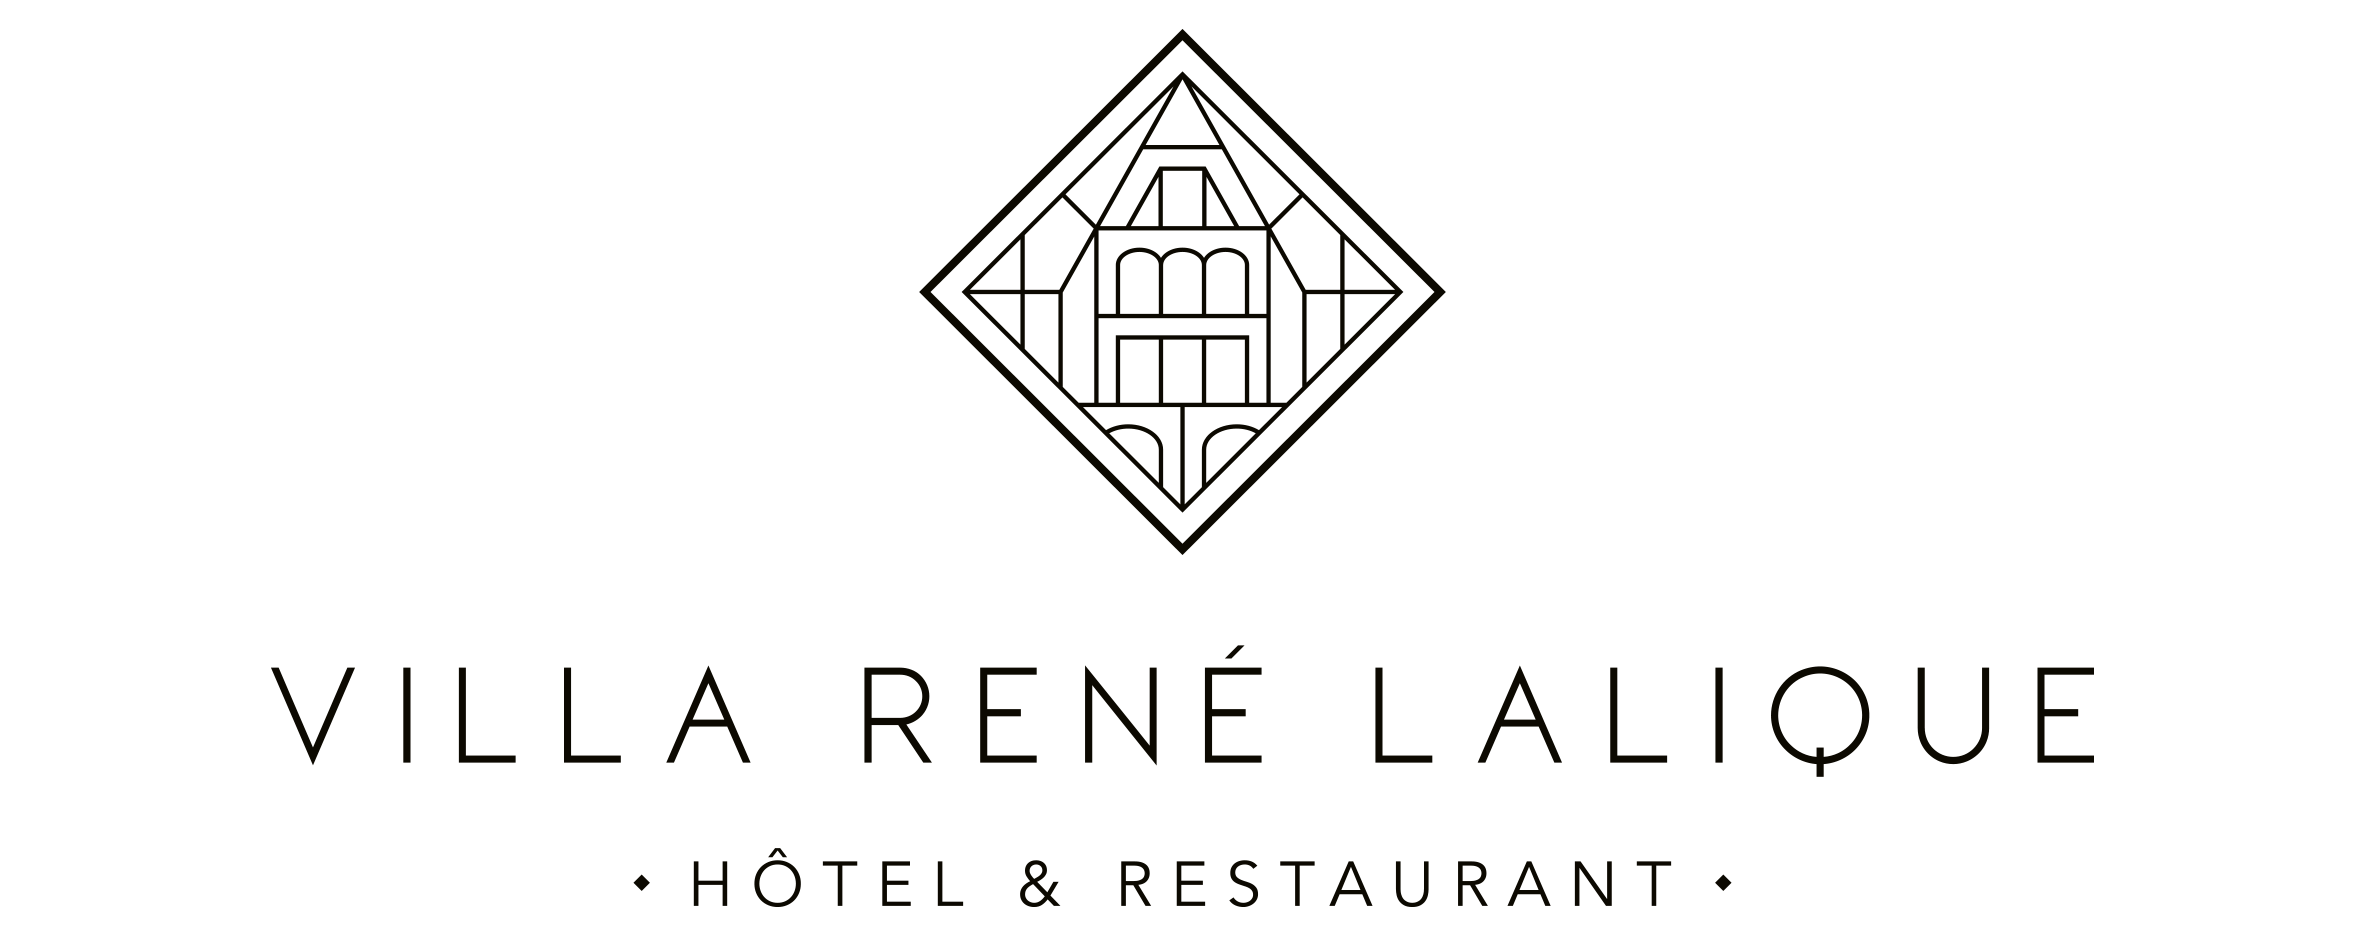 villa-rene-lalique-logo.png